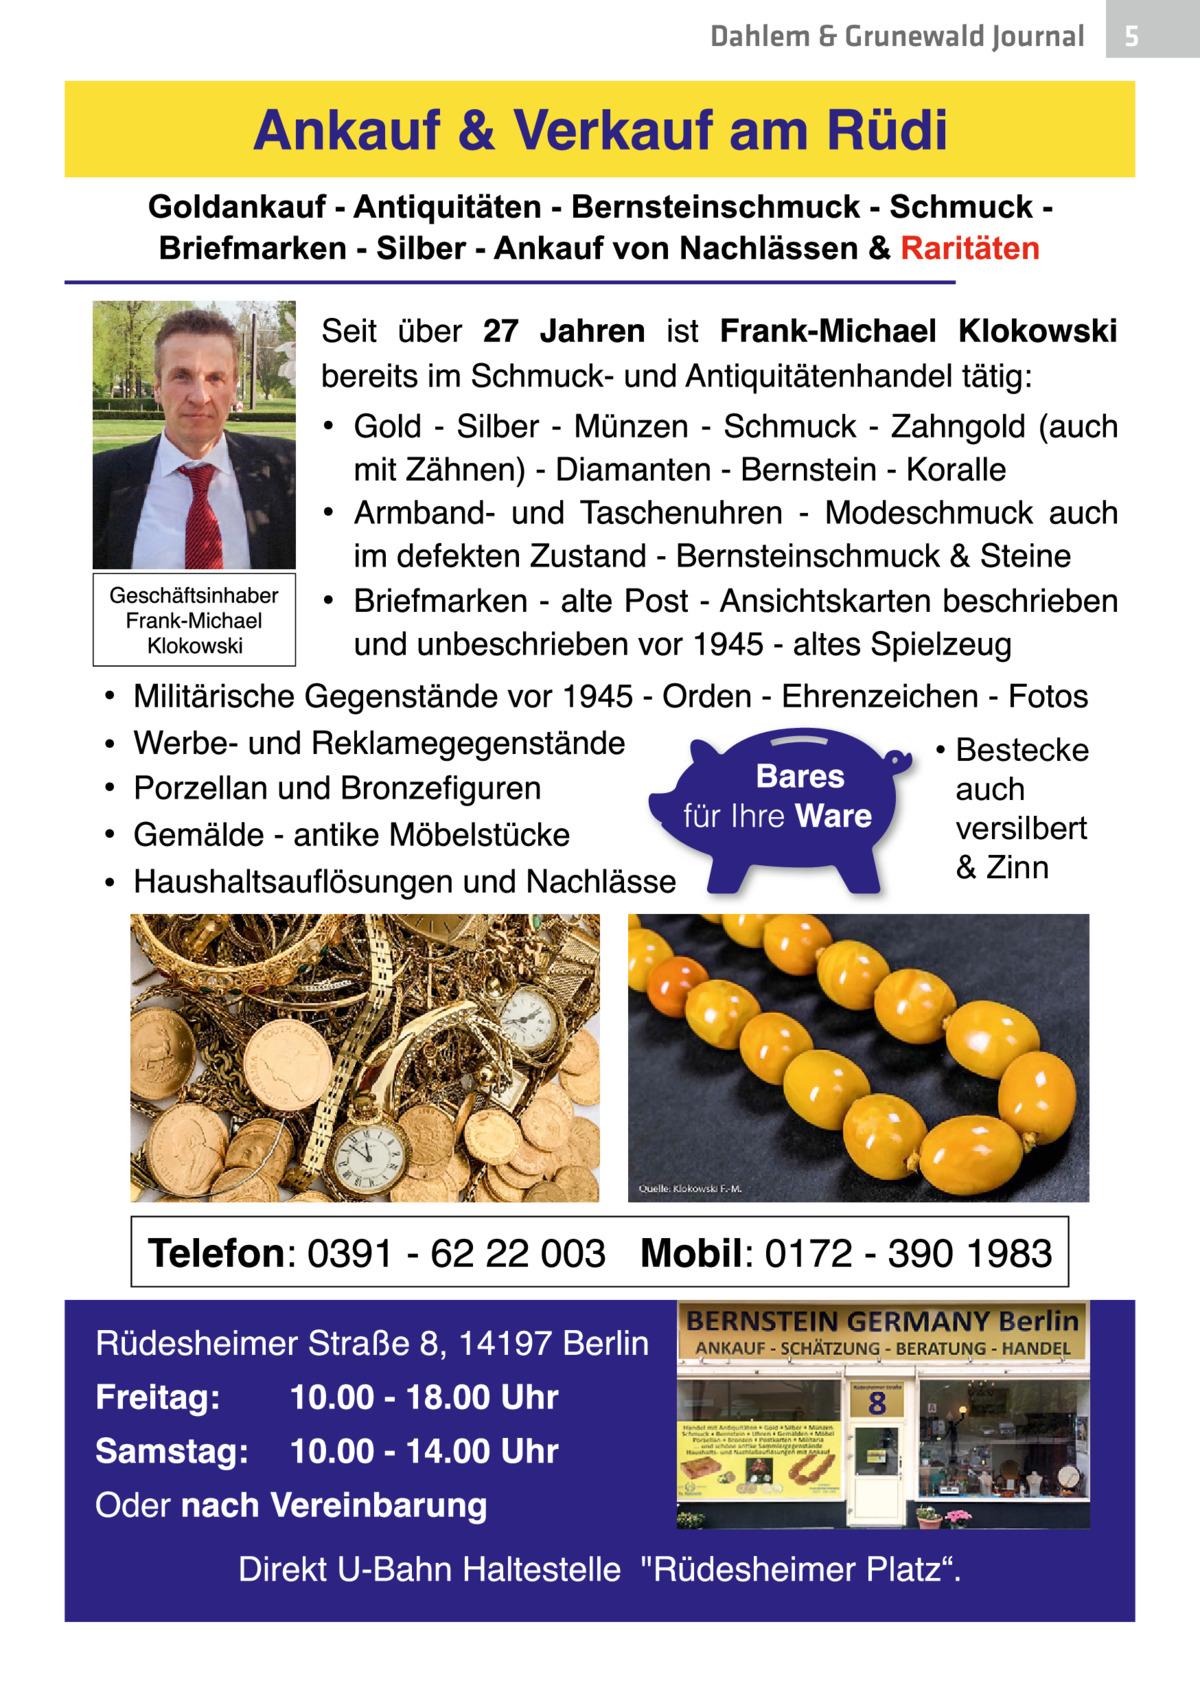 Dahlem & Grunewald Journal  • Bestecke auch versilbert & Zinn  5